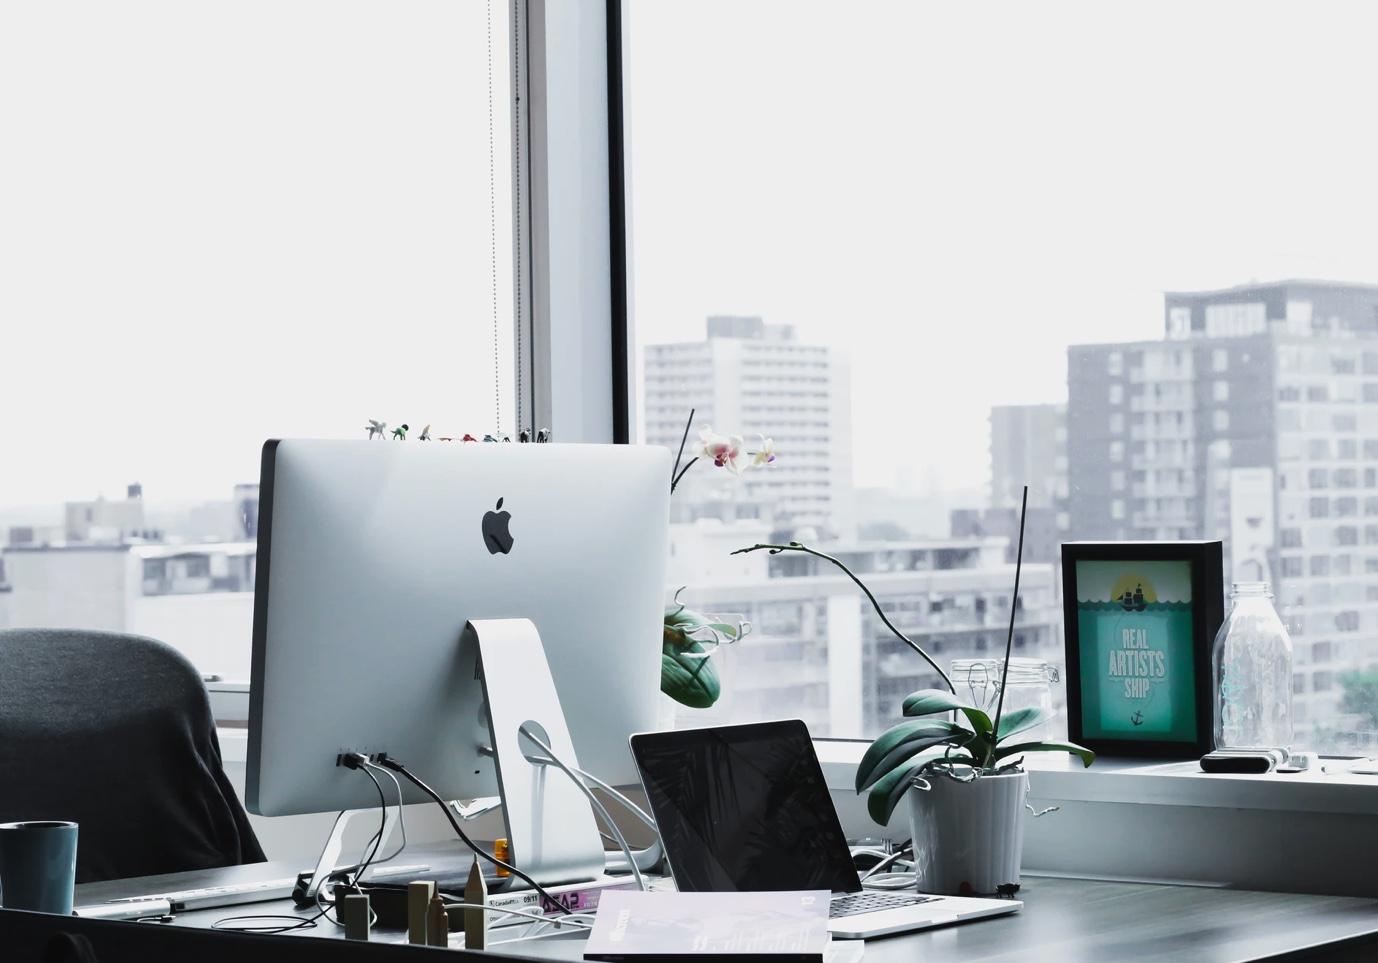 Apple nous préparerait bien deux nouveaux iMac, l'un de 21,5pouces, l'autre de 27pouces, équipés de puces Apple Silicon